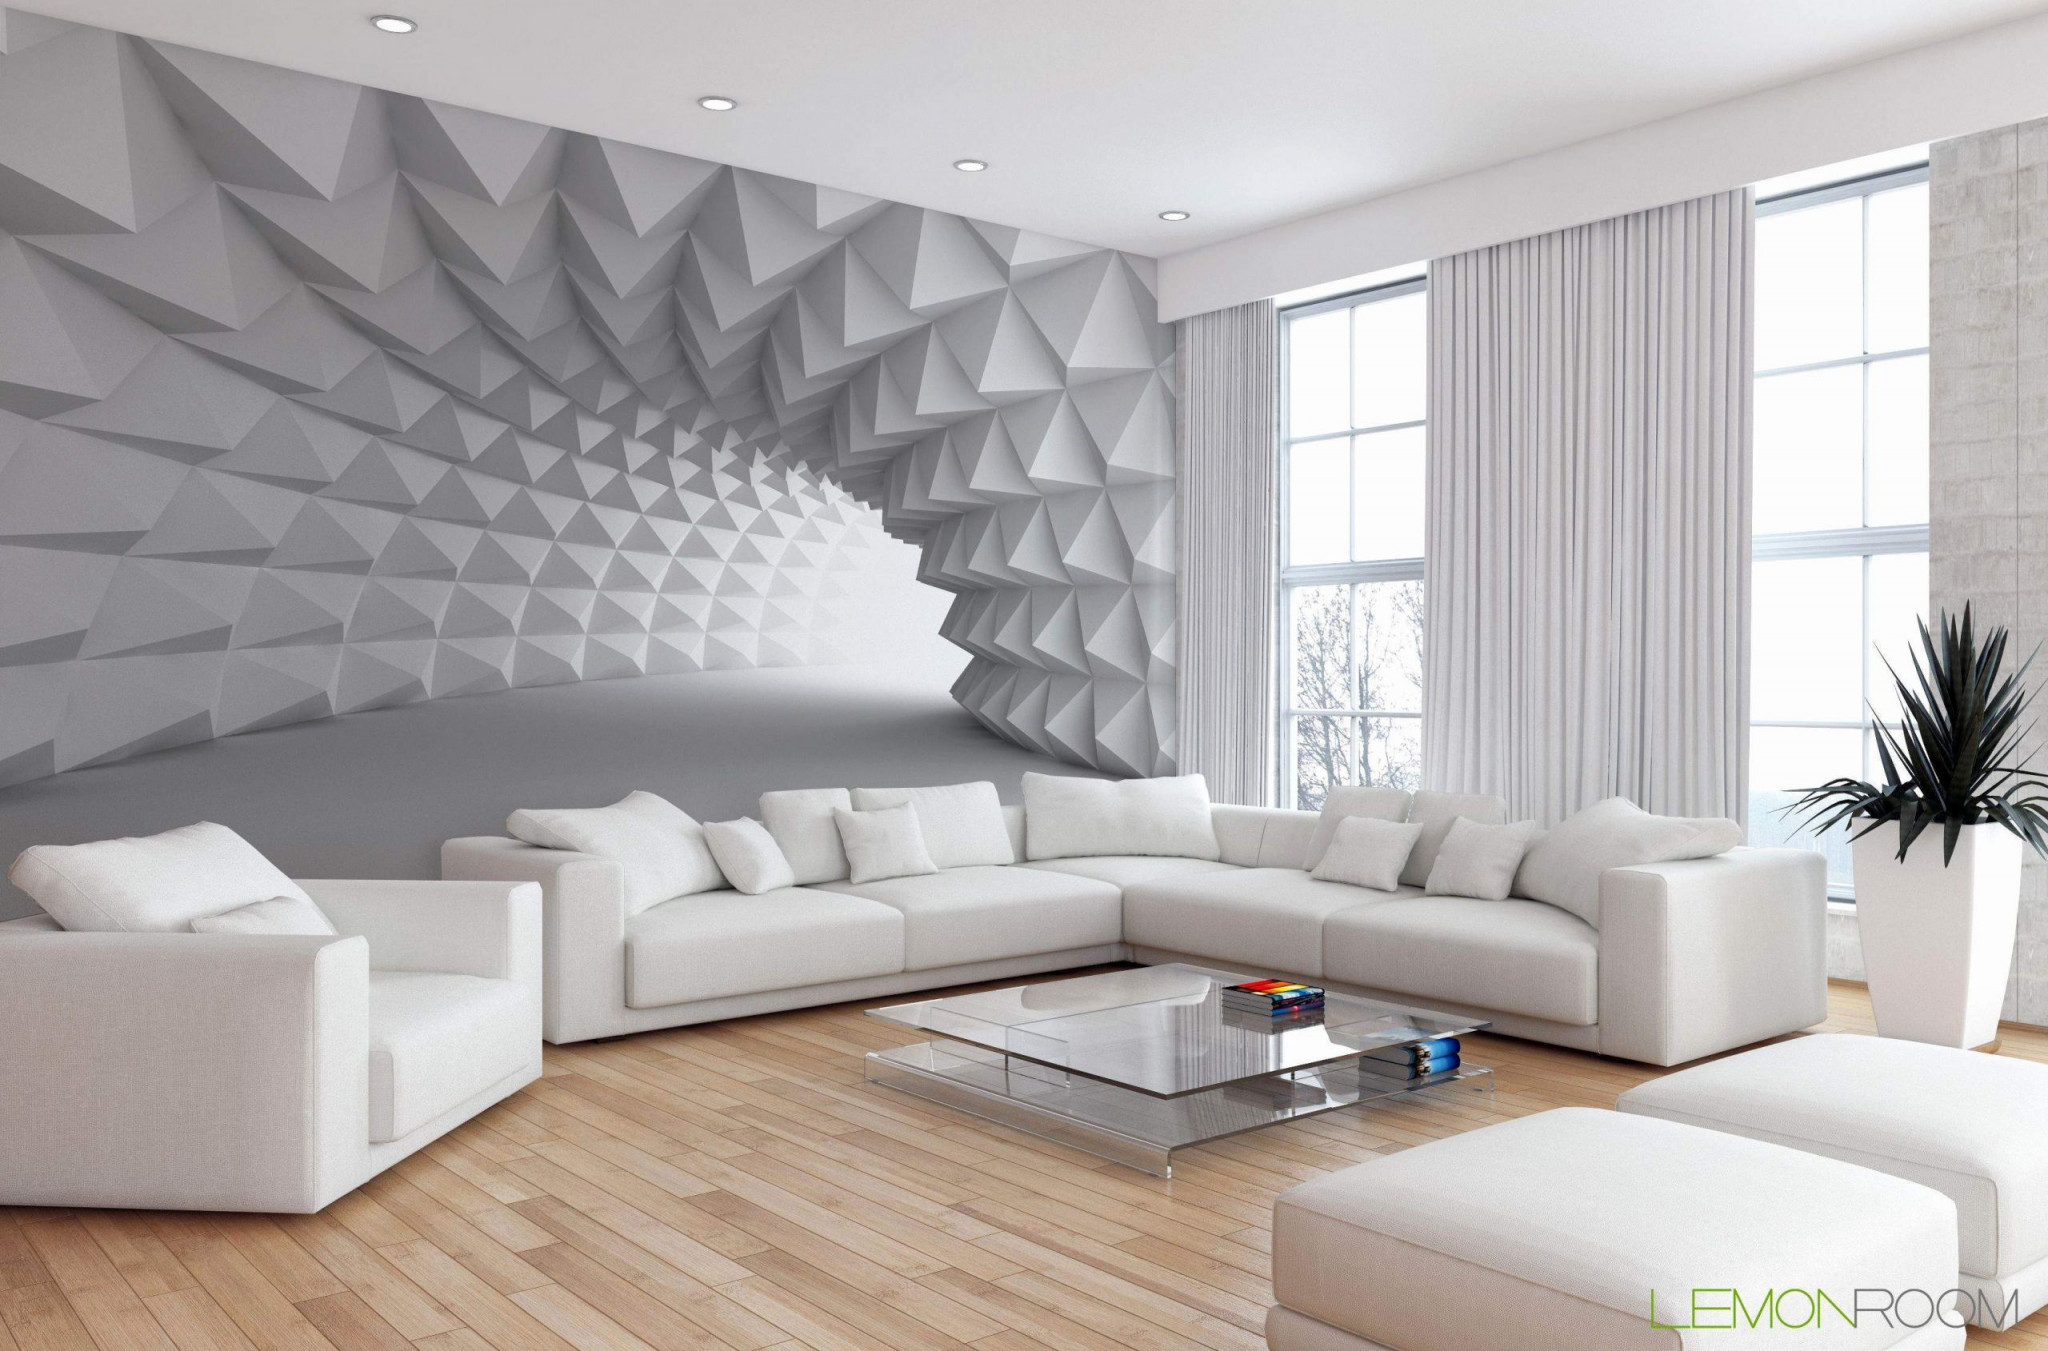 Stylische Wohnzimmer Einzigartig 32 Frisch Tapeten von Stylische Tapeten Wohnzimmer Bild